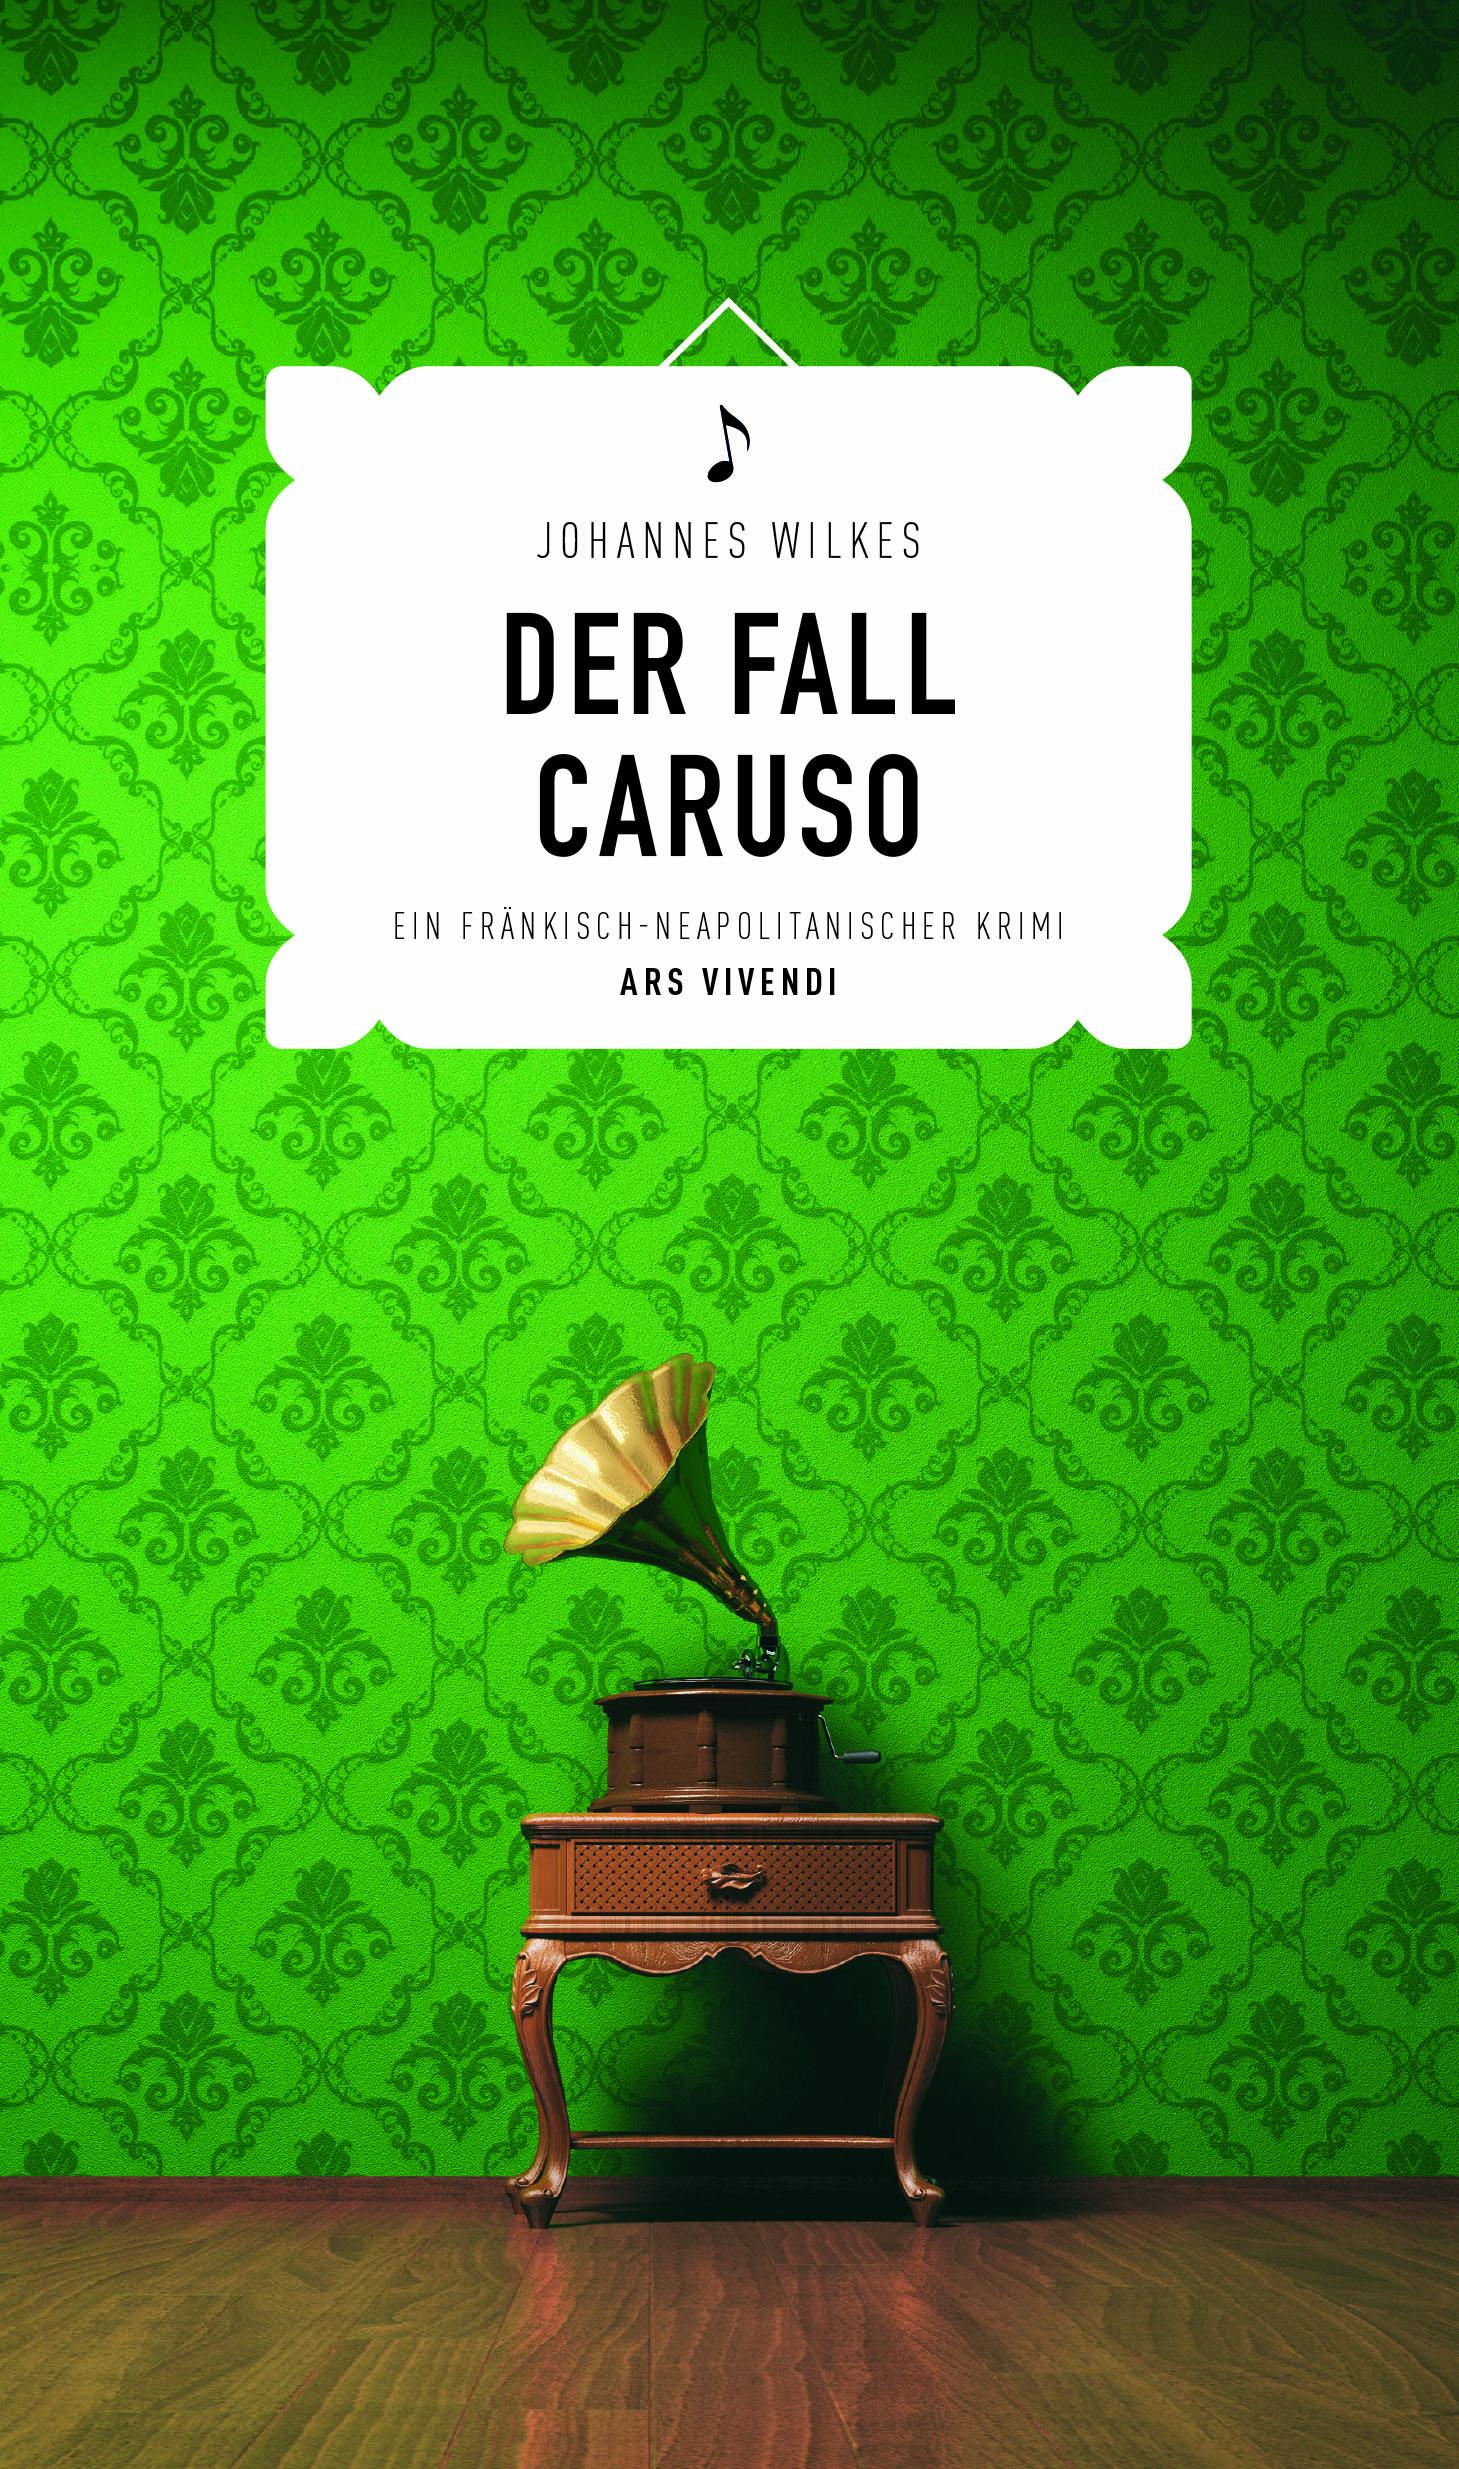 Johannes Wilkes - Der Fall Caruso